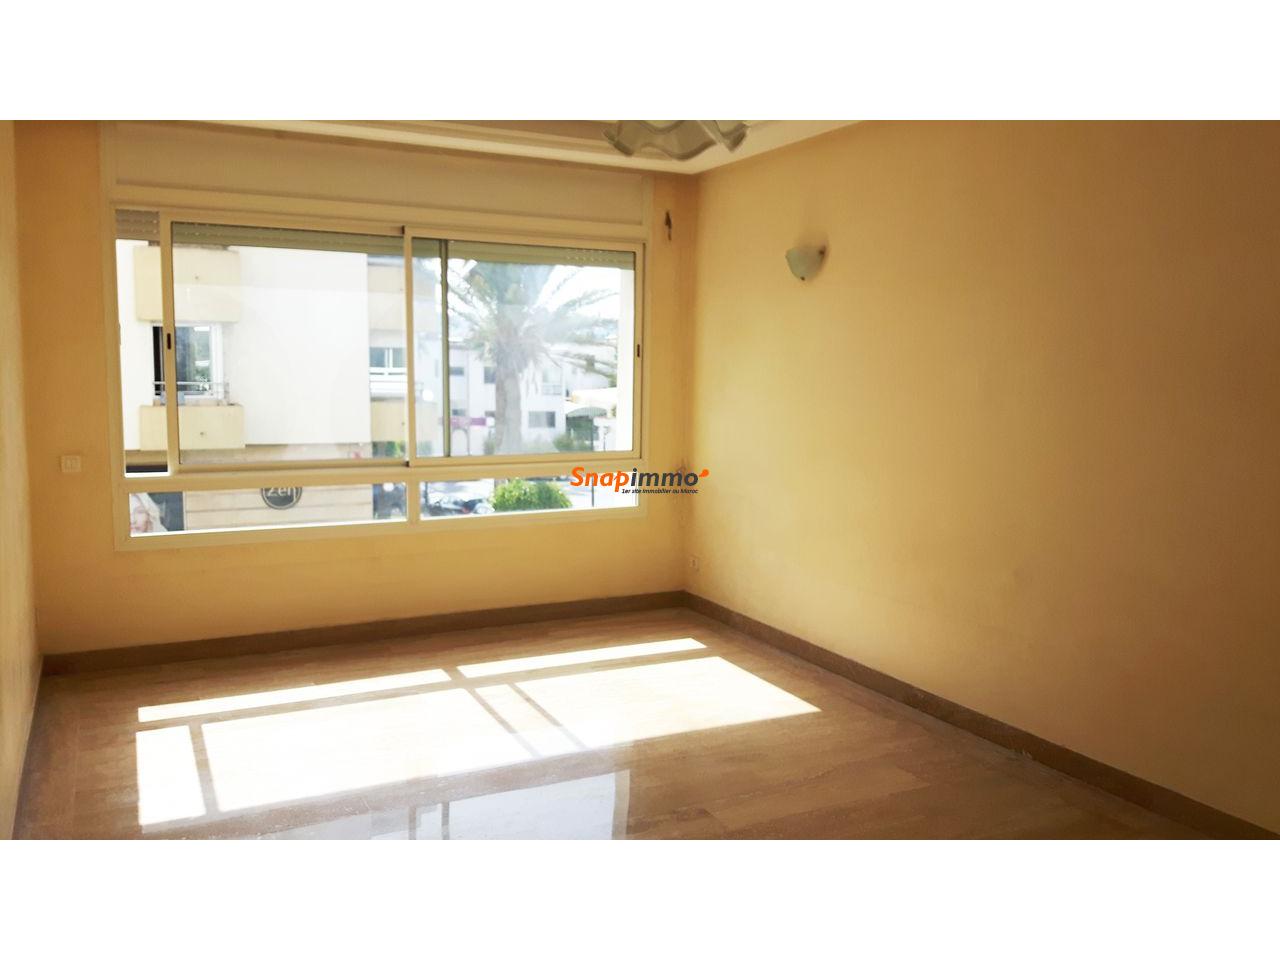 Appartement de 153 m2 à Rabat Hay Riad - 2/3